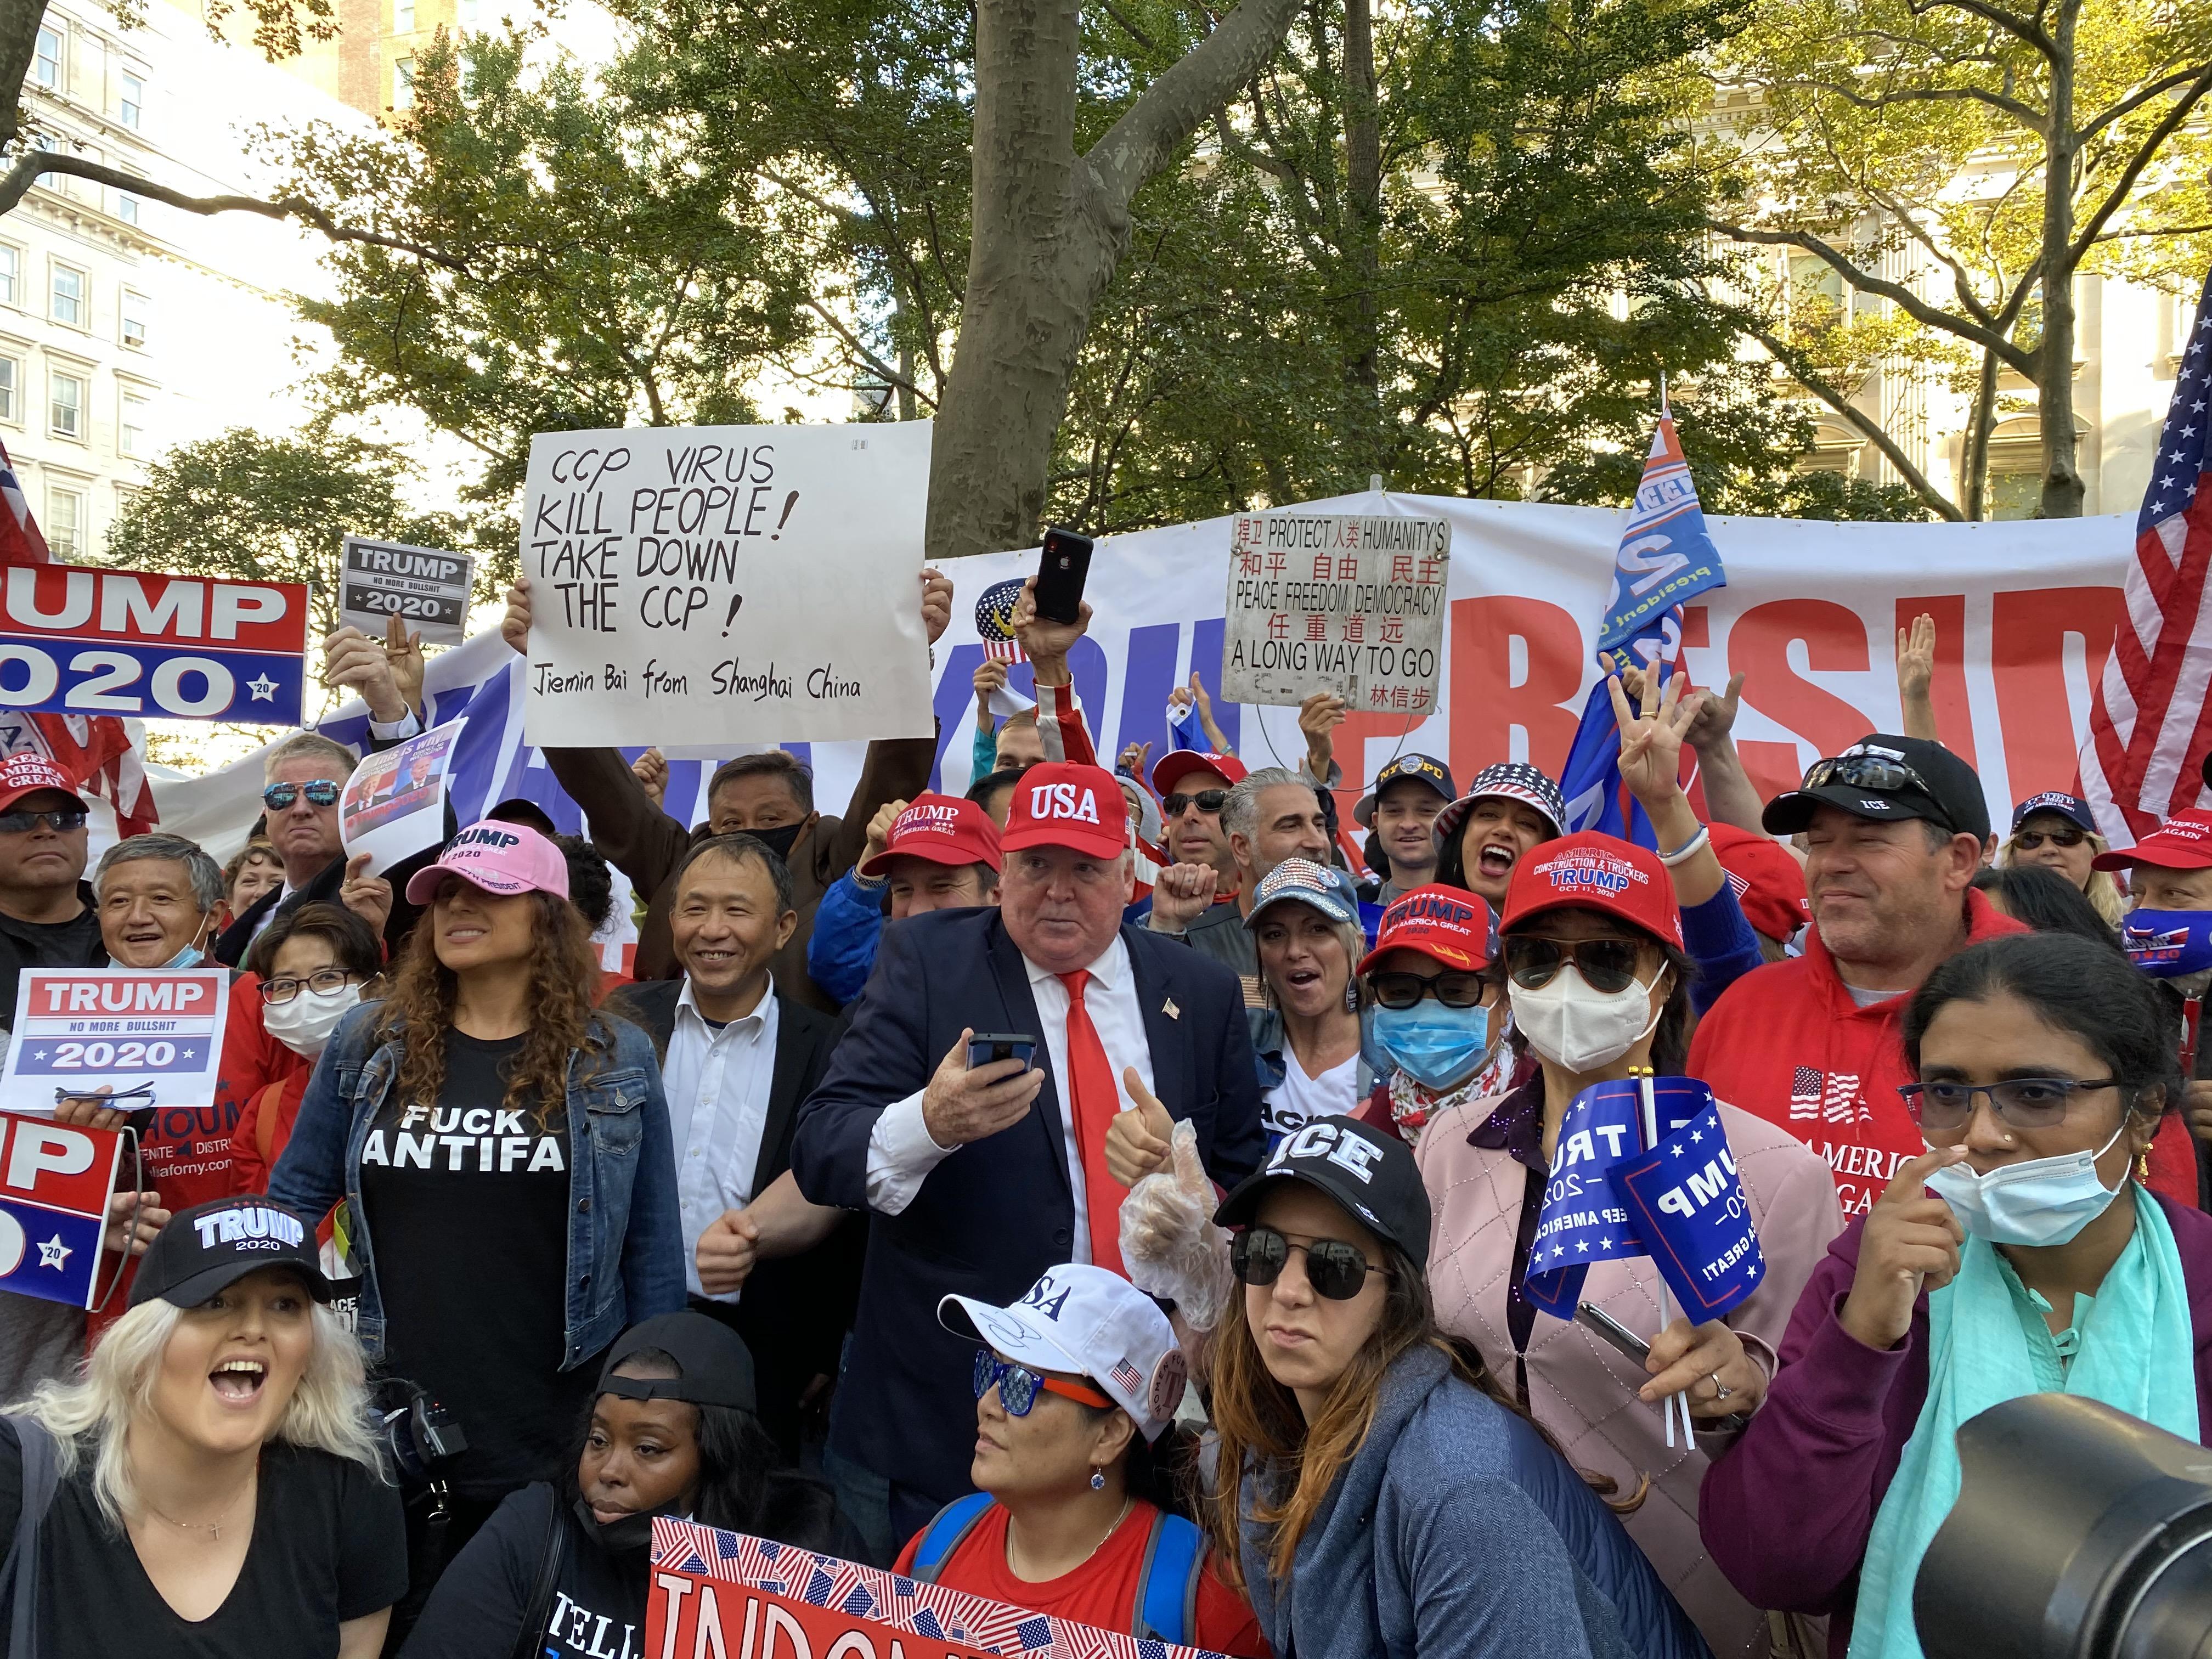 曼哈頓挺特大遊行 華人:絕不讓搞社會主義